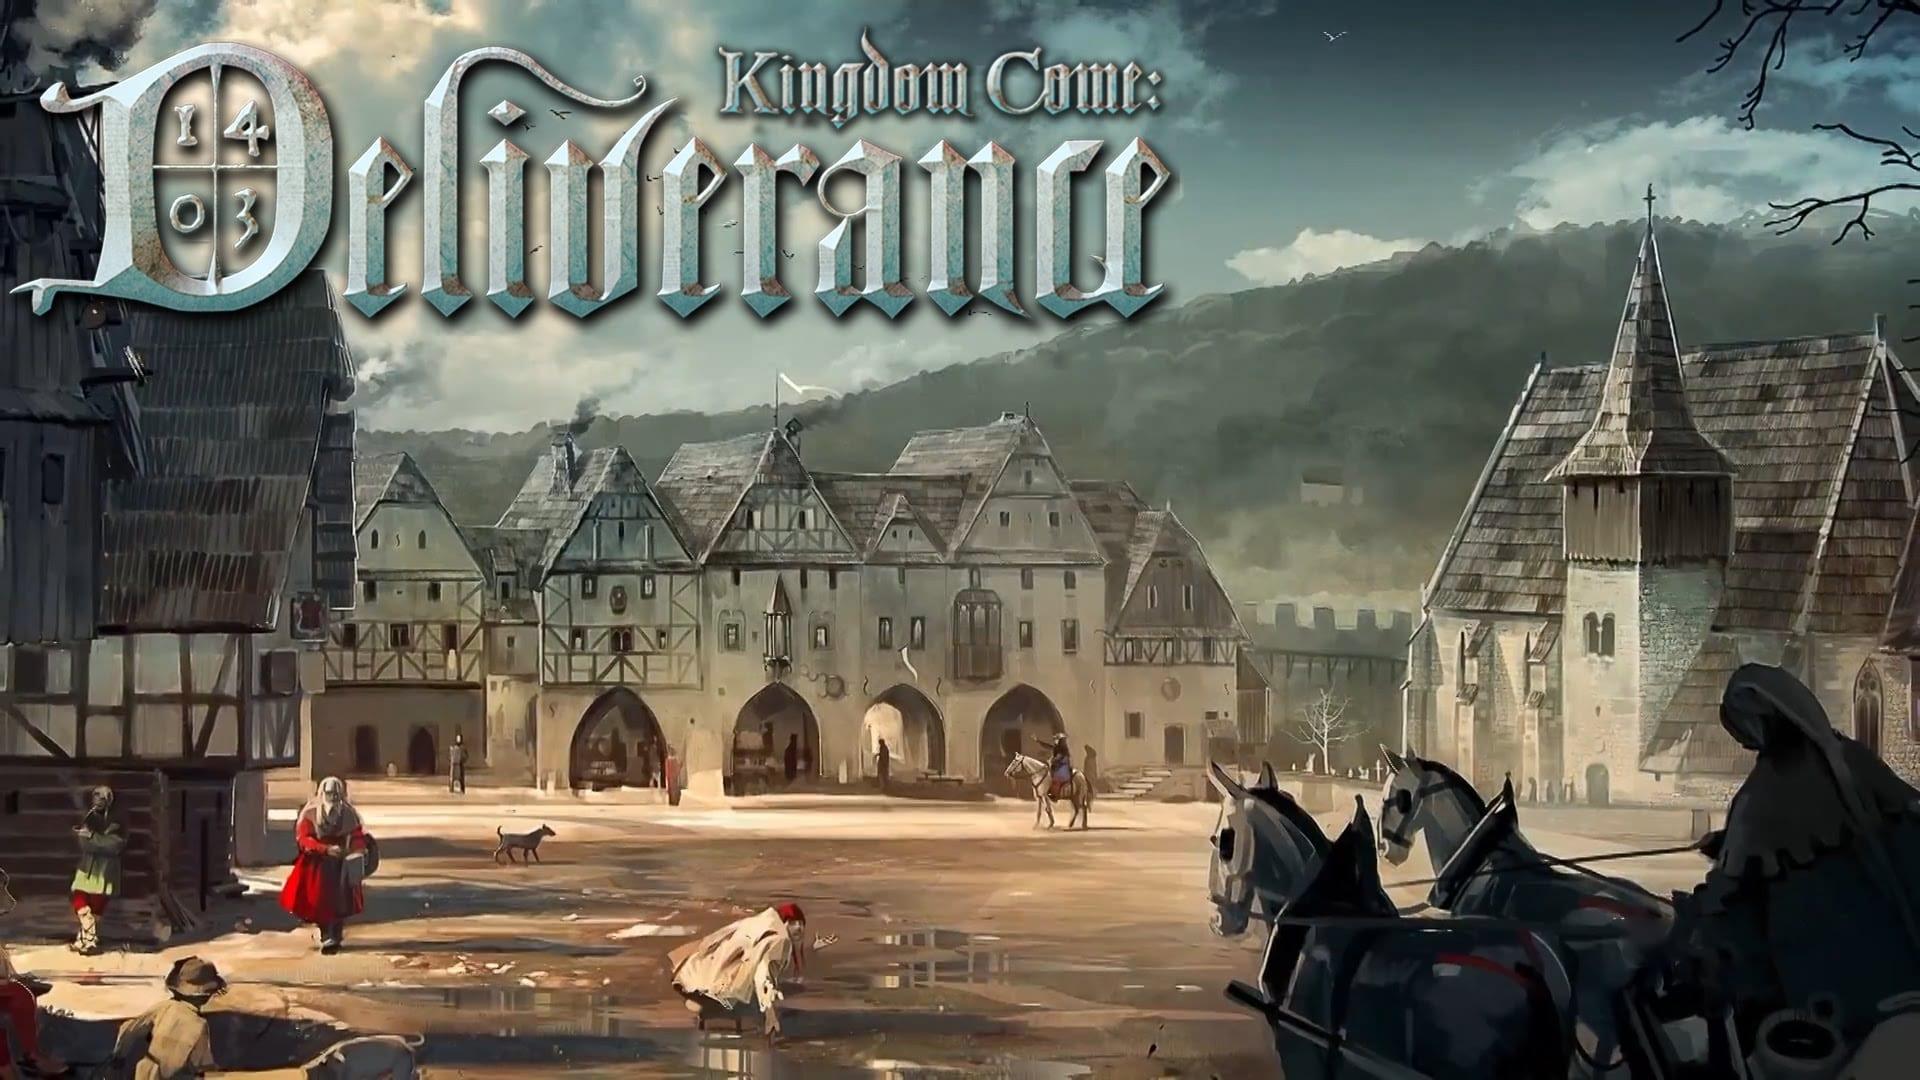 Kingdom Come Deliverance - Come gira...Kingdom Come Deliverance?